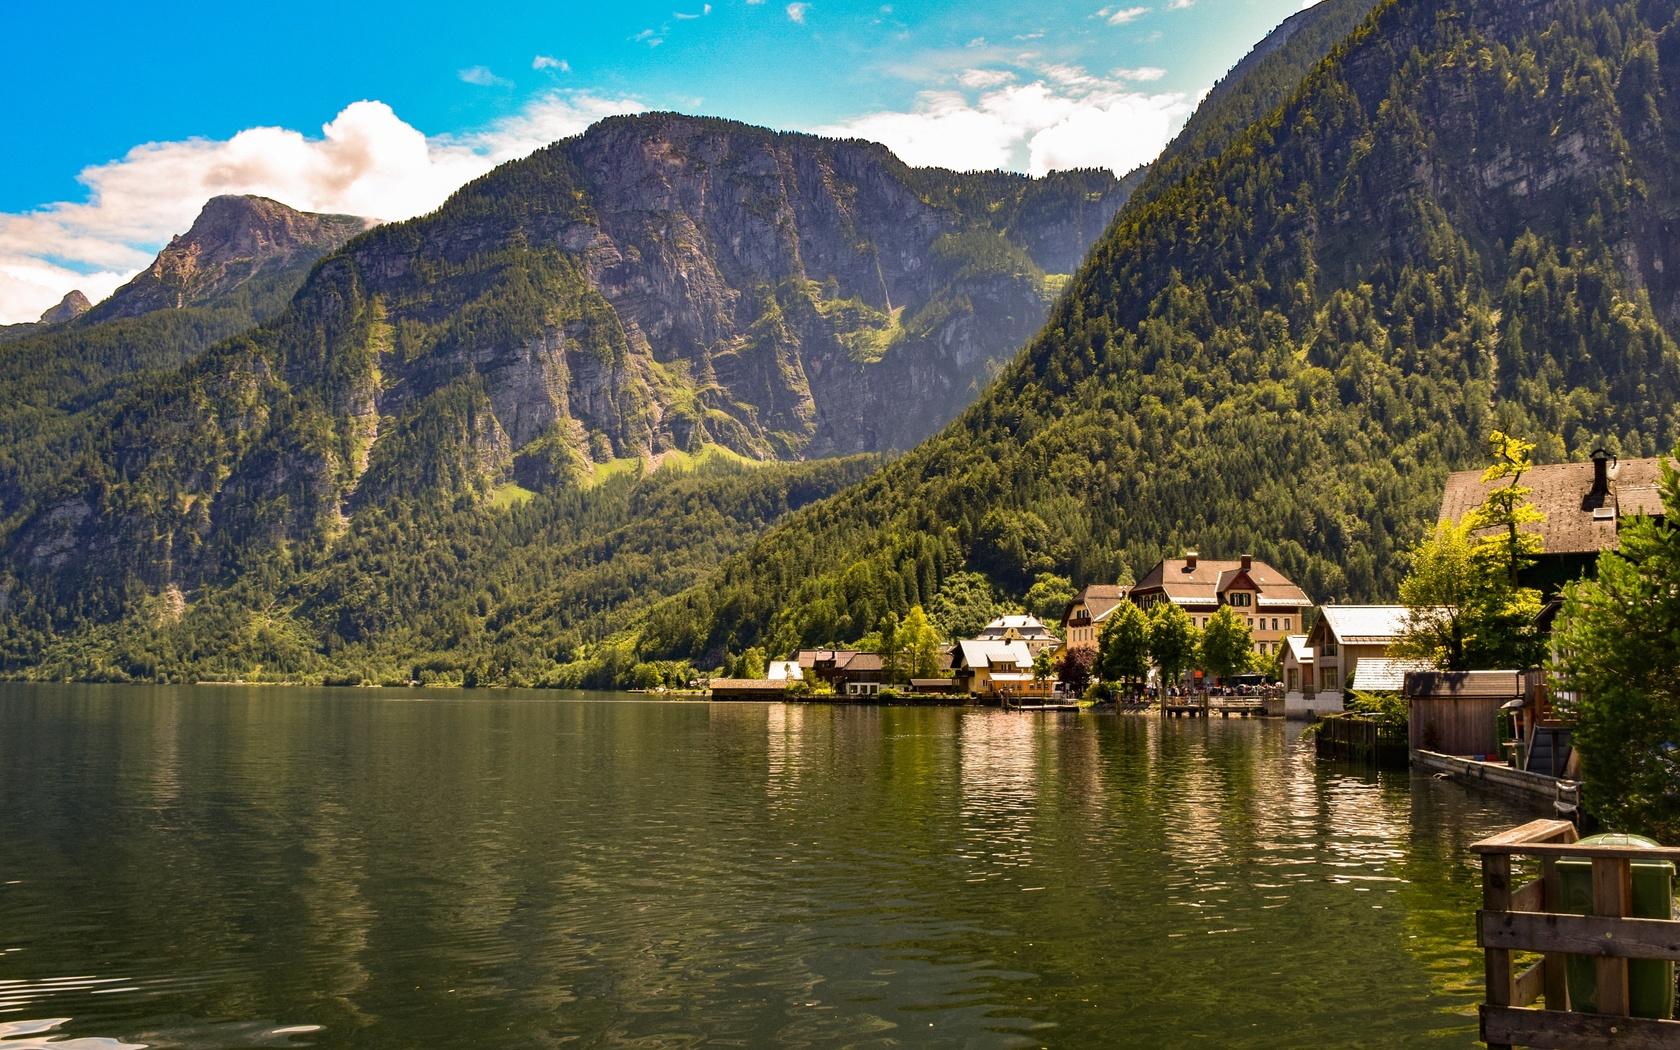 австрия, горы, озеро, пейзаж, bad goisern, gmunden, город